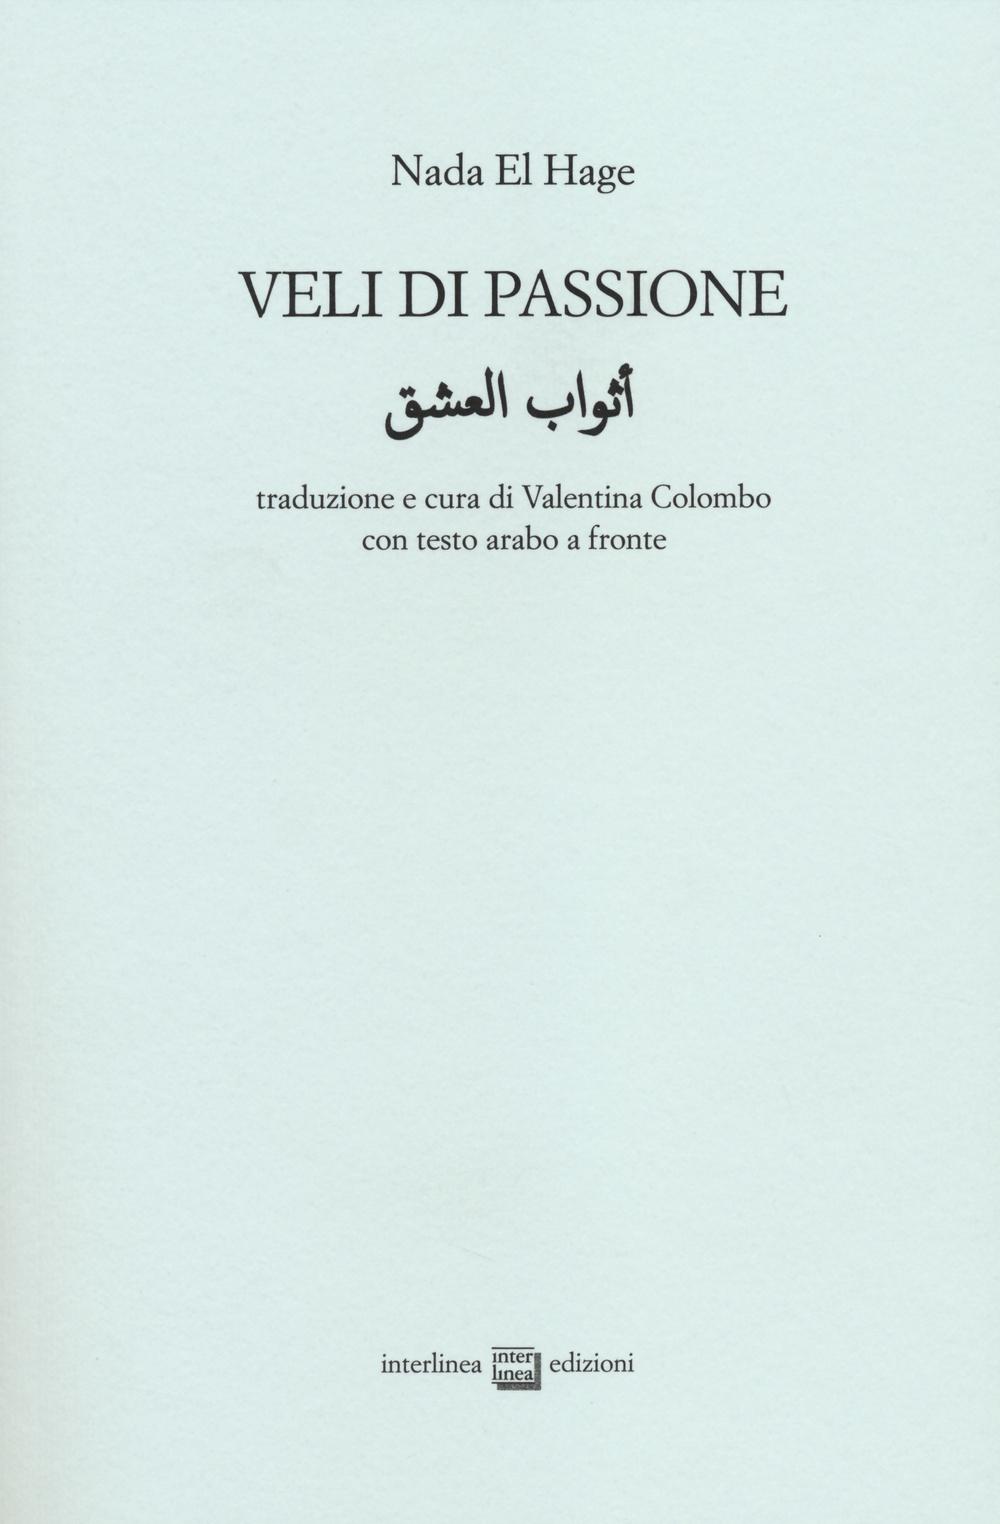 Veli di passione